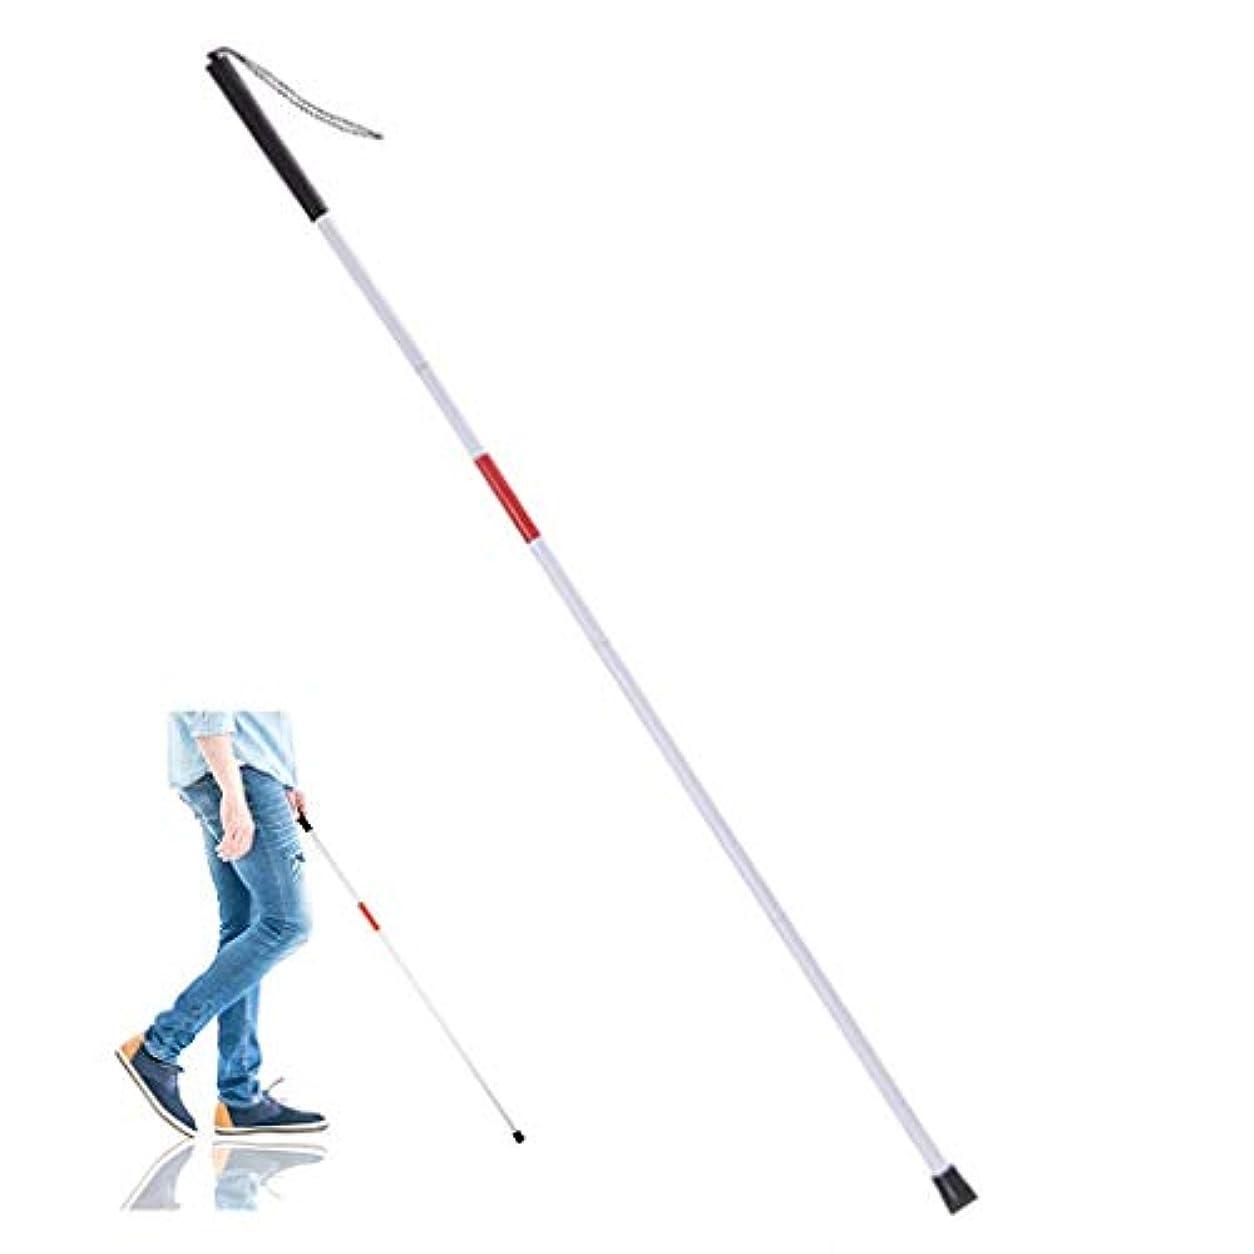 摂氏度言い聞かせるトロリー視覚障害者用視覚障害者用折りたたみ式杖、ブラインドステッキ、夜間反射型、折りたたみ式ブラインドガイドスティック、ブラインド杖(長さ:47.24in)